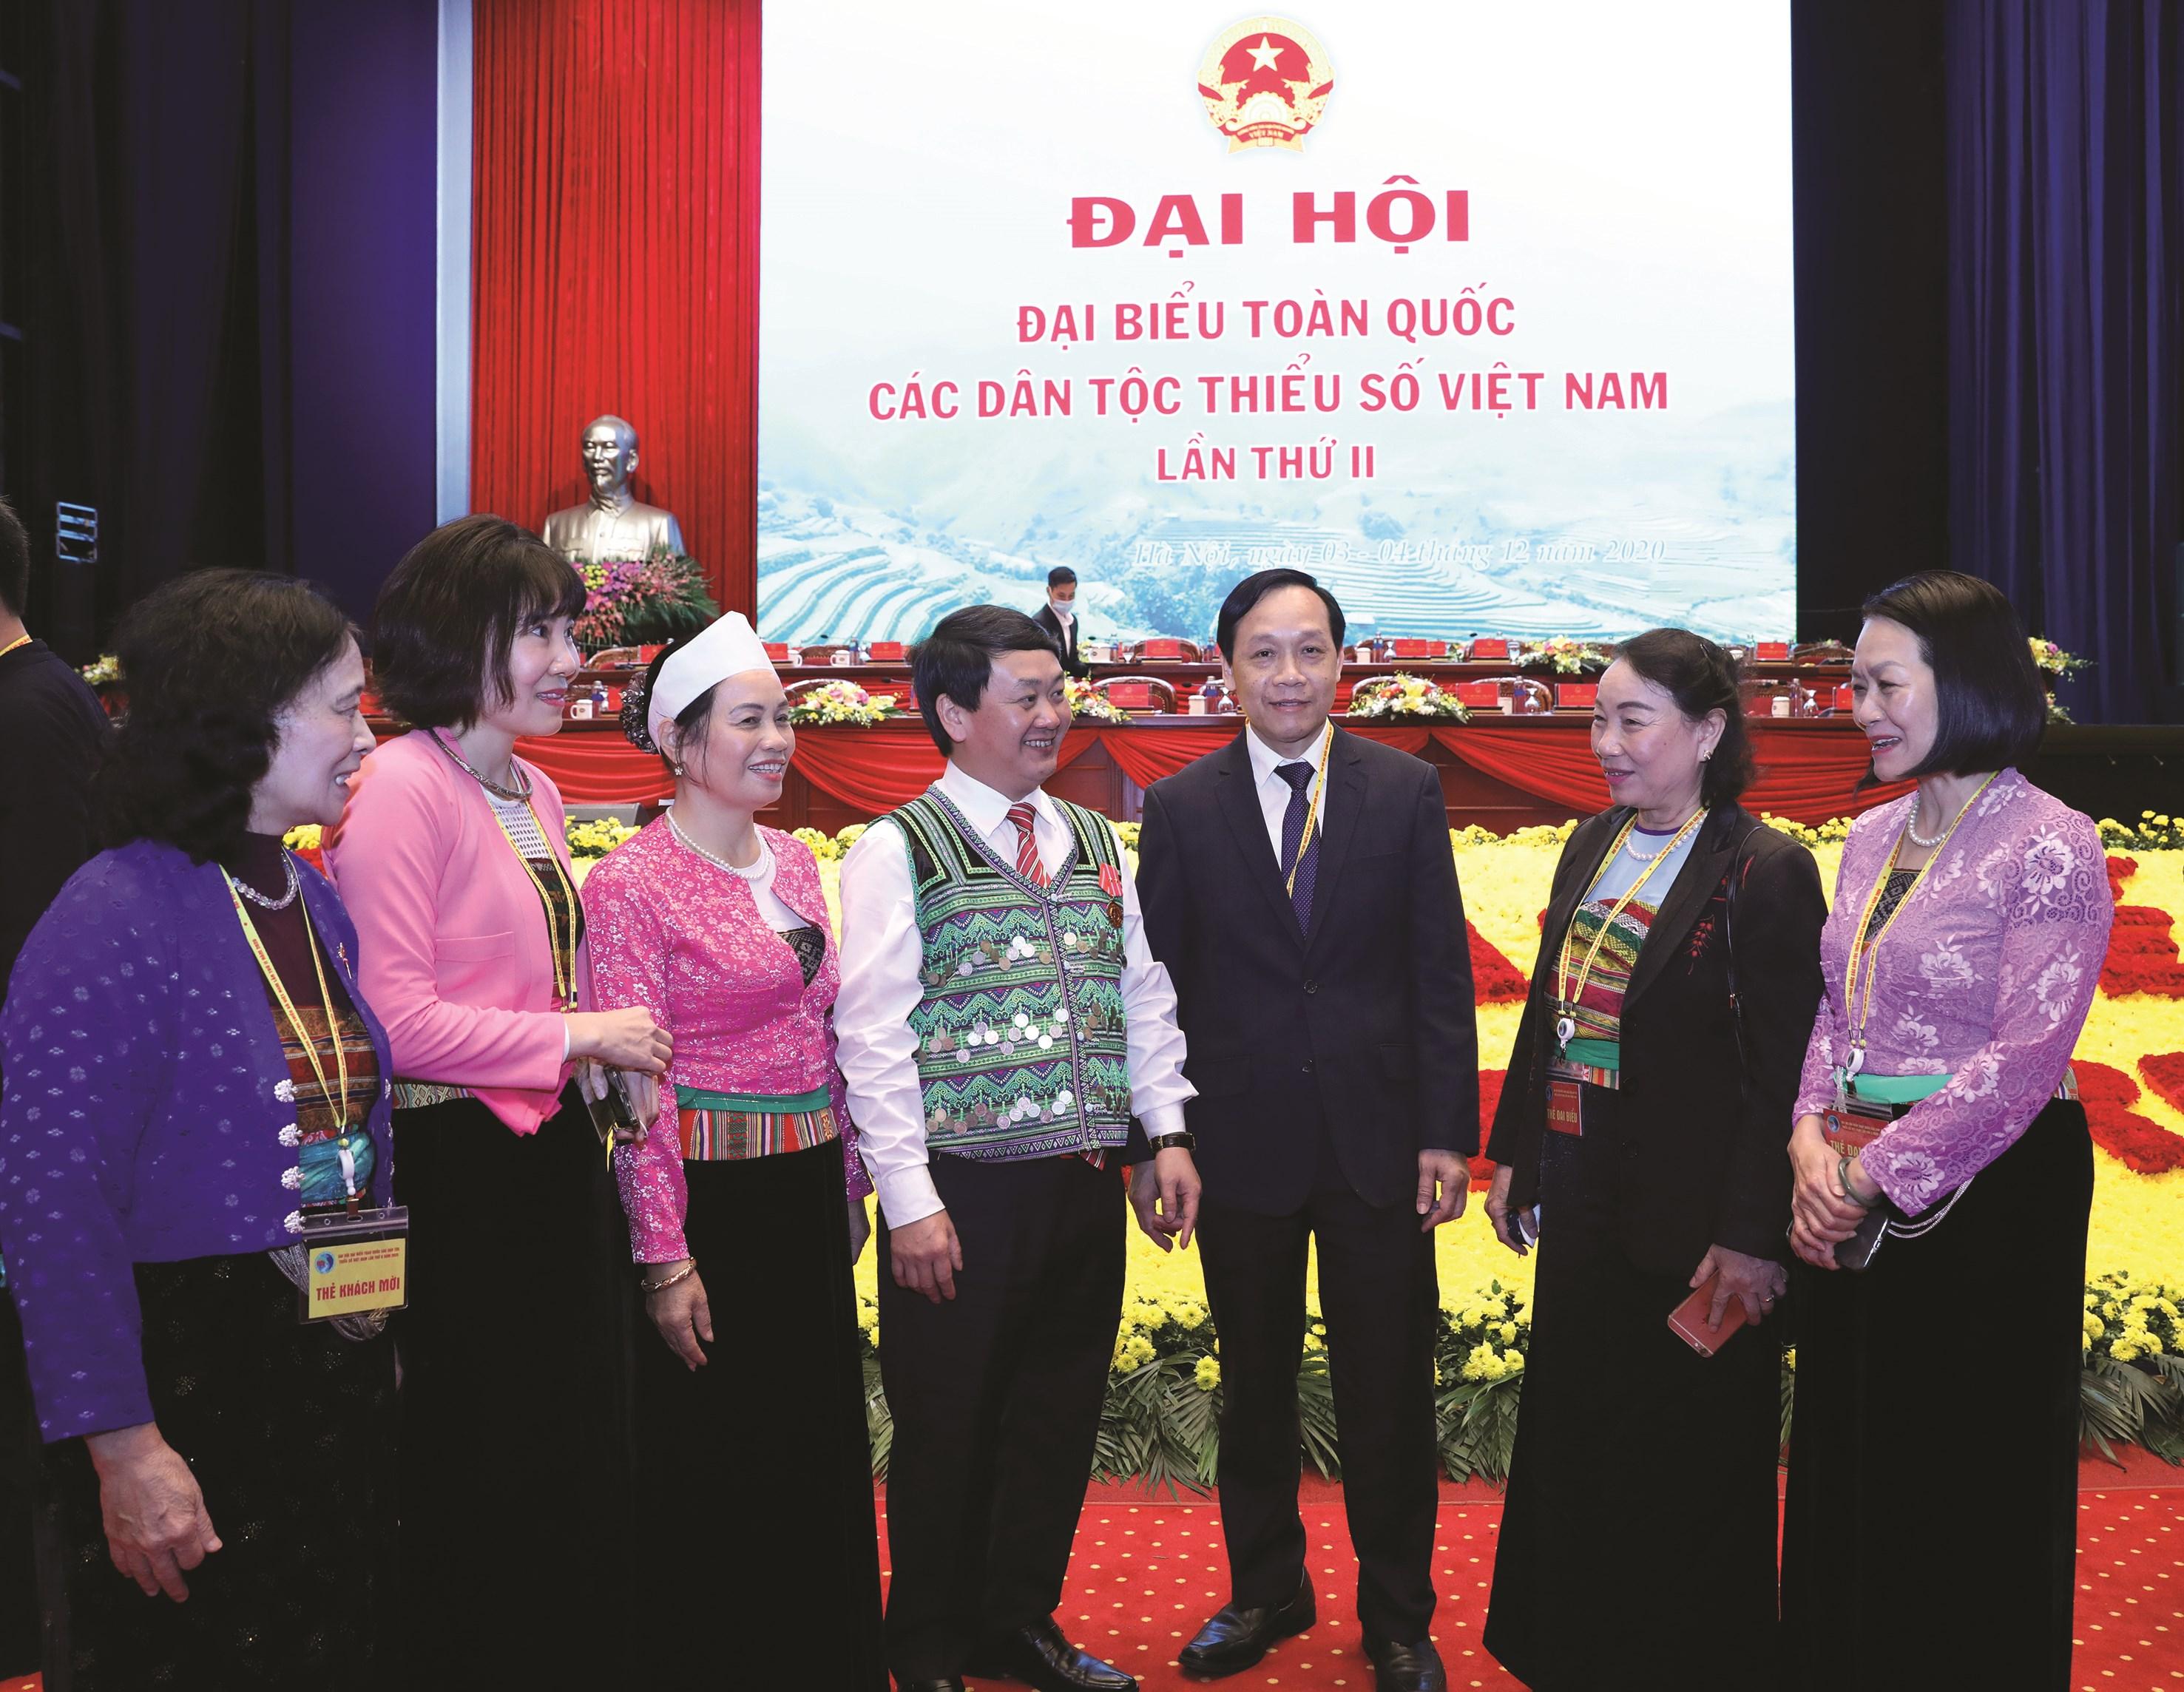 Đồng chí Hầu A Lềnh trao đổi với các đại biểu tại Đại hội Đại biểu toàn quốc các DTTS Việt Nam lần thứ II năm 2020.